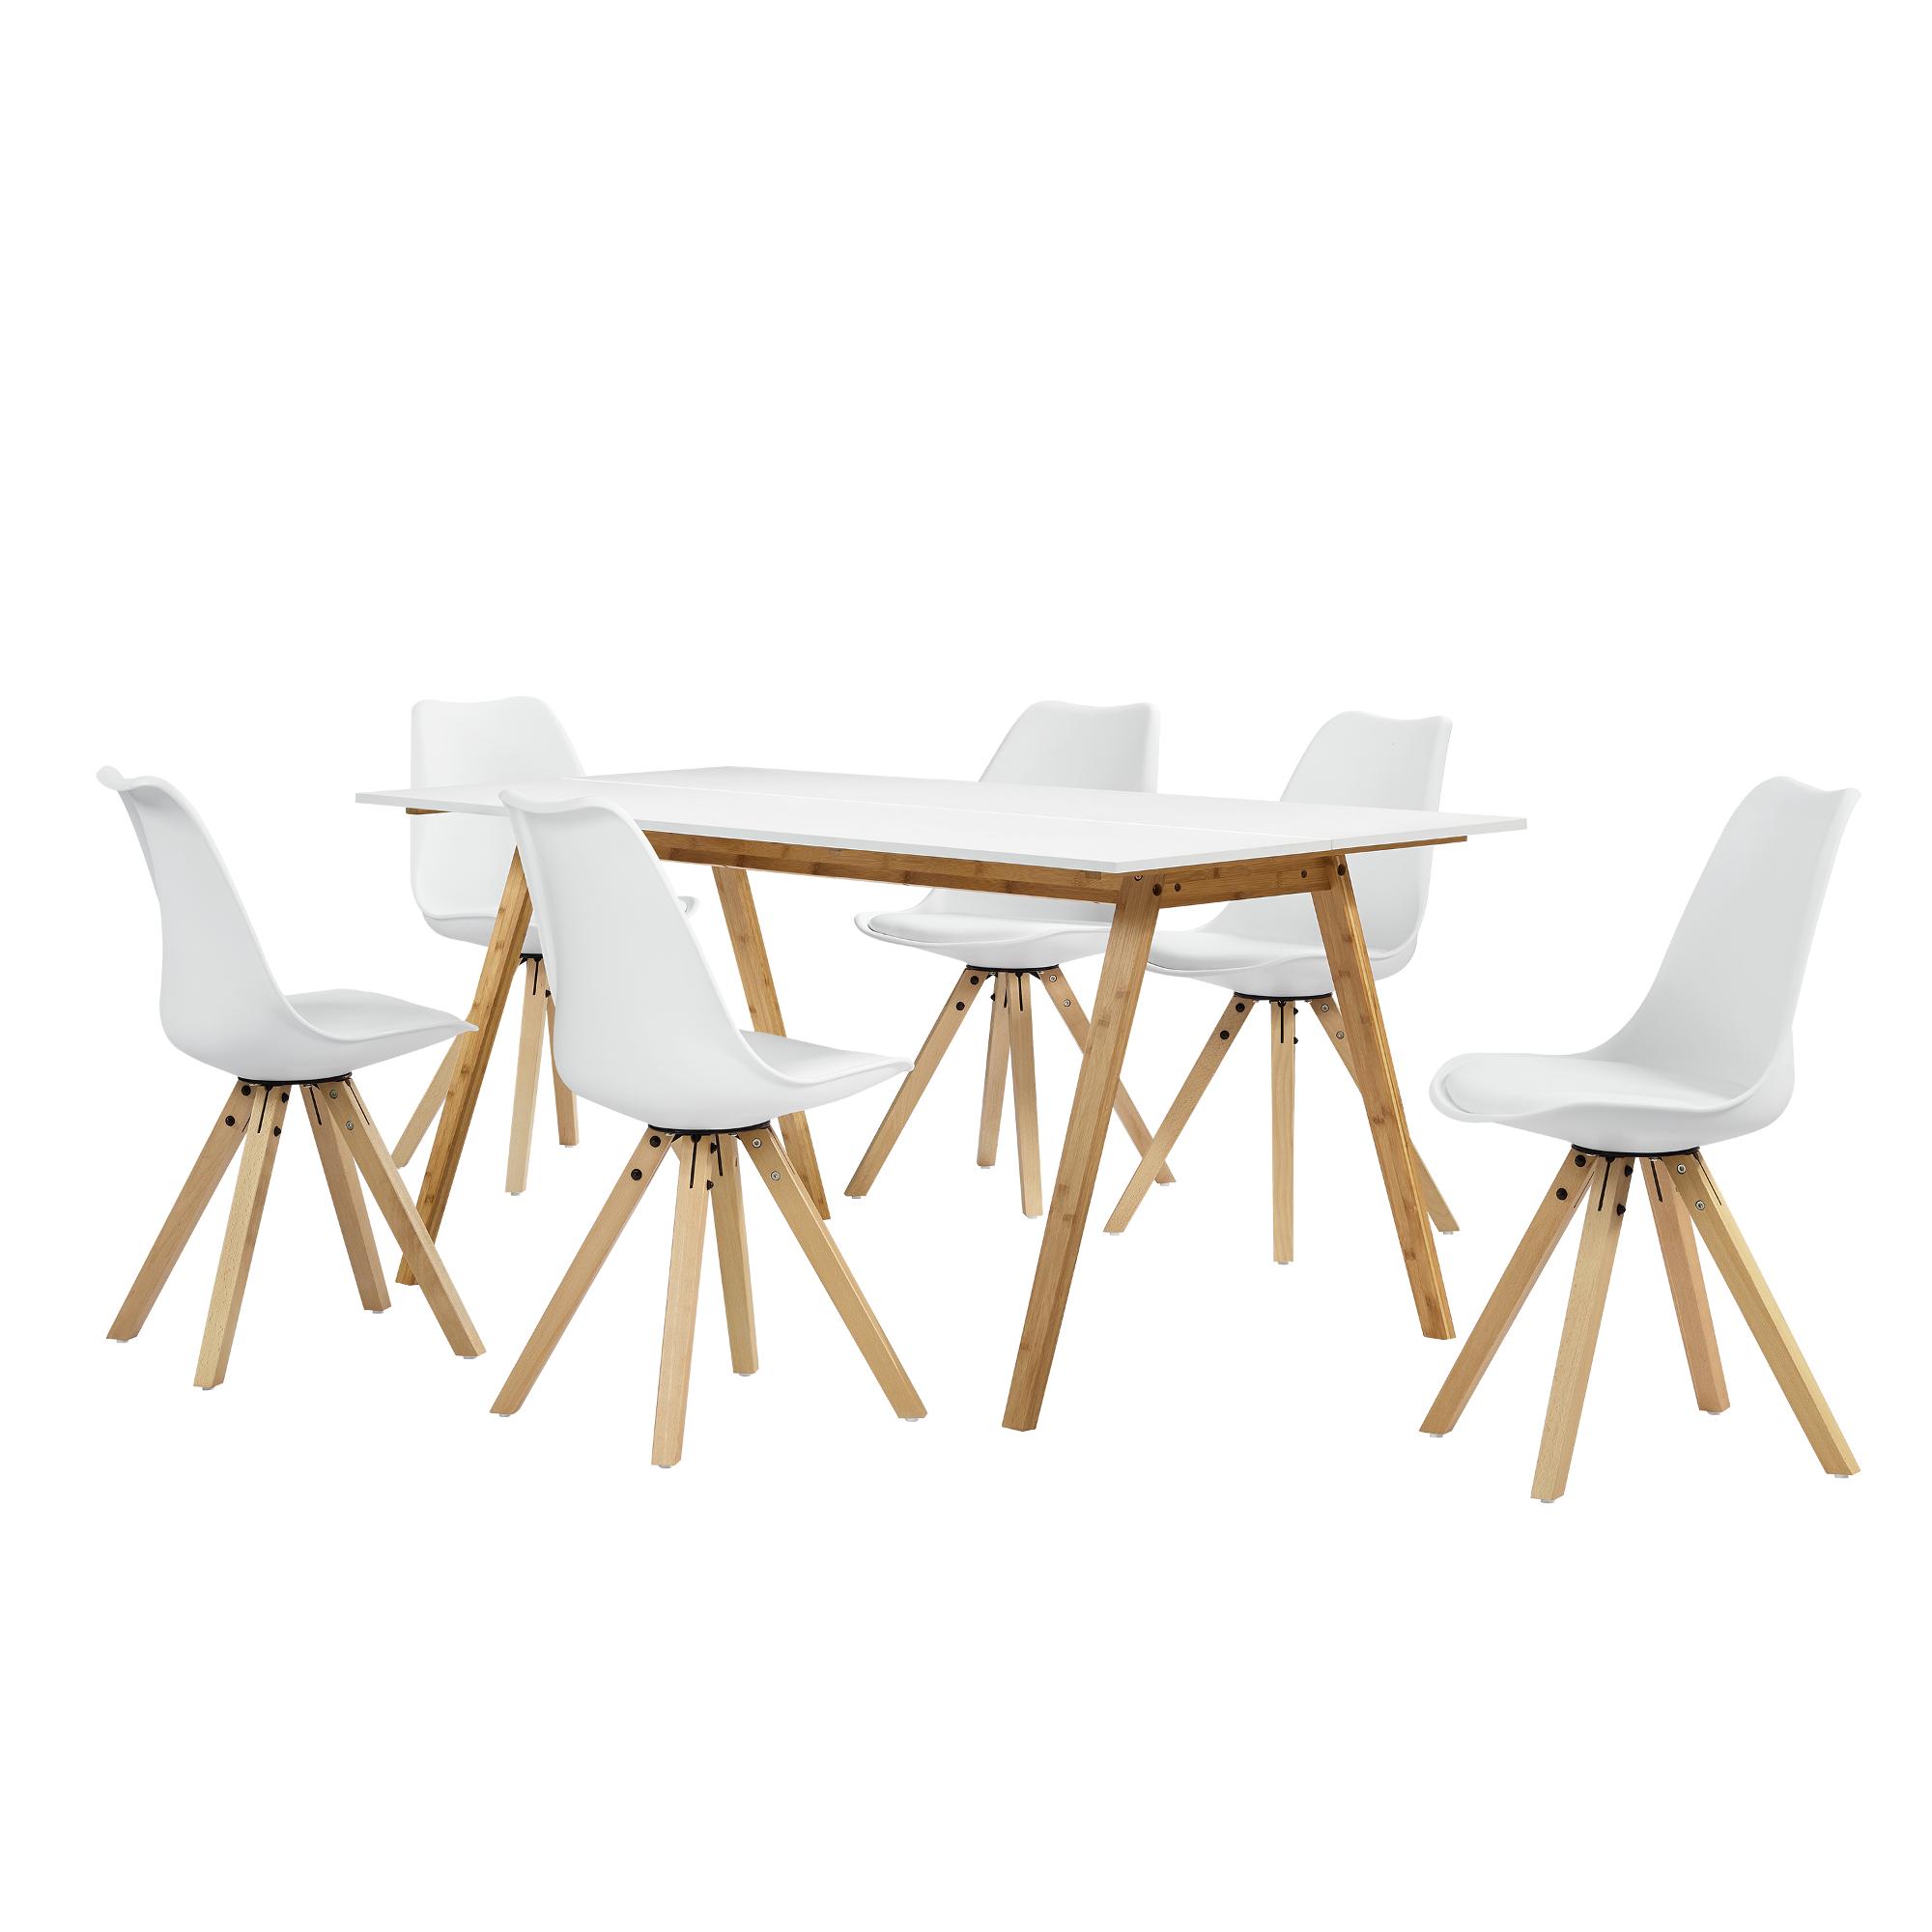 esstisch bambus mit 6 st hlen gepolstert wei tisch 180x80 st hle ebay. Black Bedroom Furniture Sets. Home Design Ideas